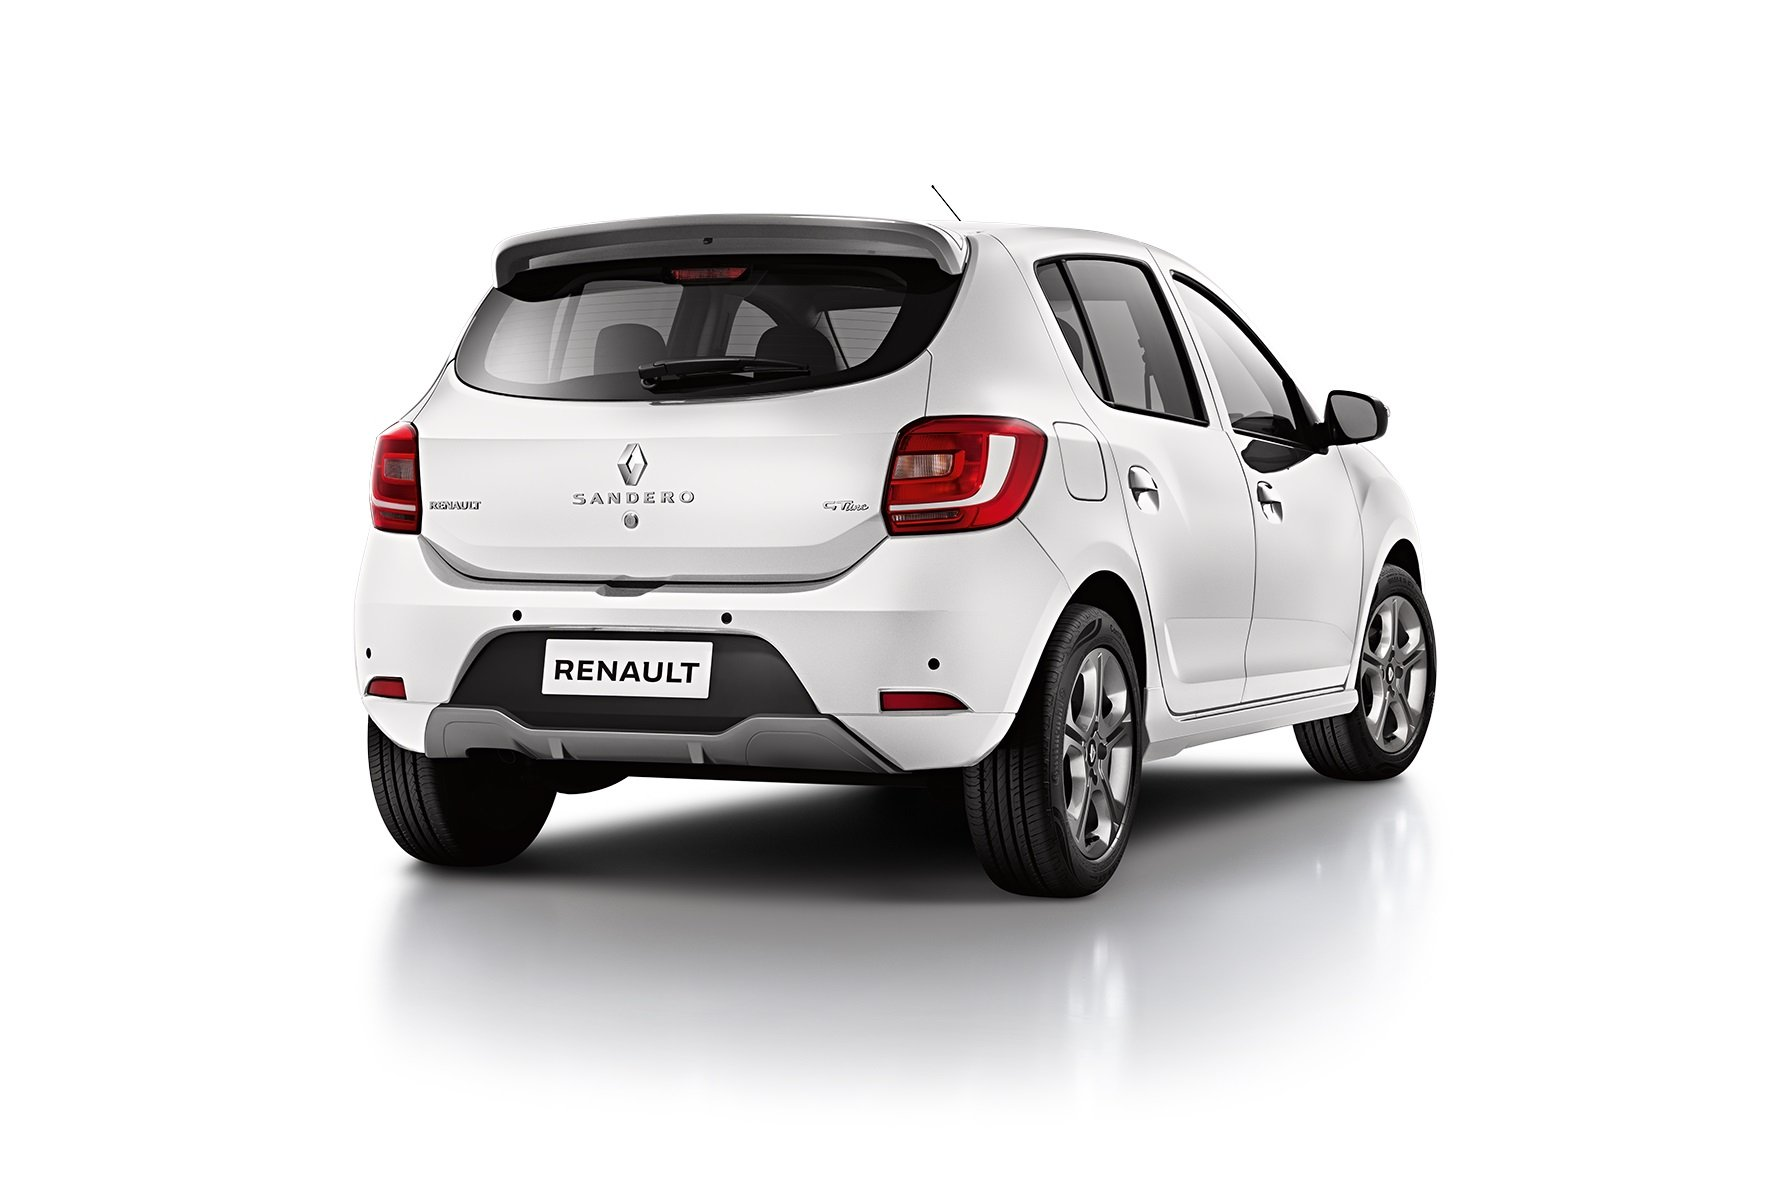 Nova versão com acabamento esportivo, Renault Sandero GT Line 1.0 é ofertada por mesmo preço da versão de entrada e limitada a 3.500 unidades.